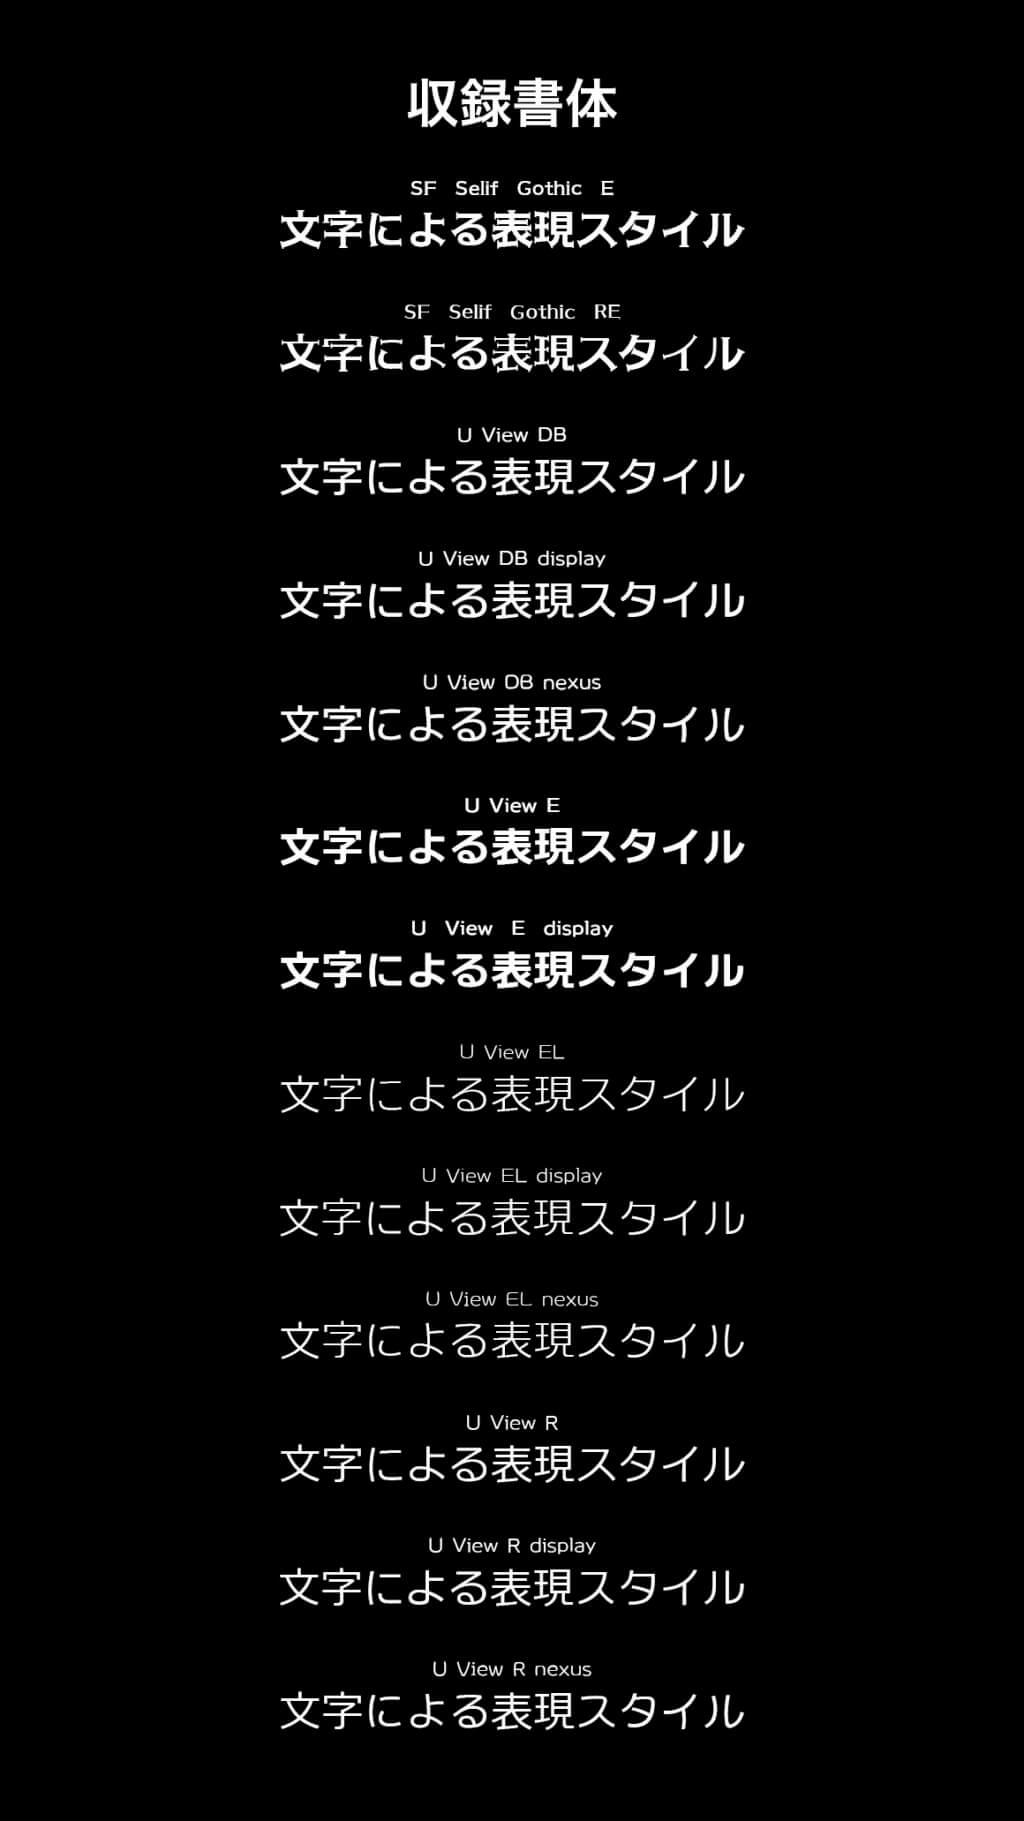 バラエティ豊か!ゴシック系フォント集